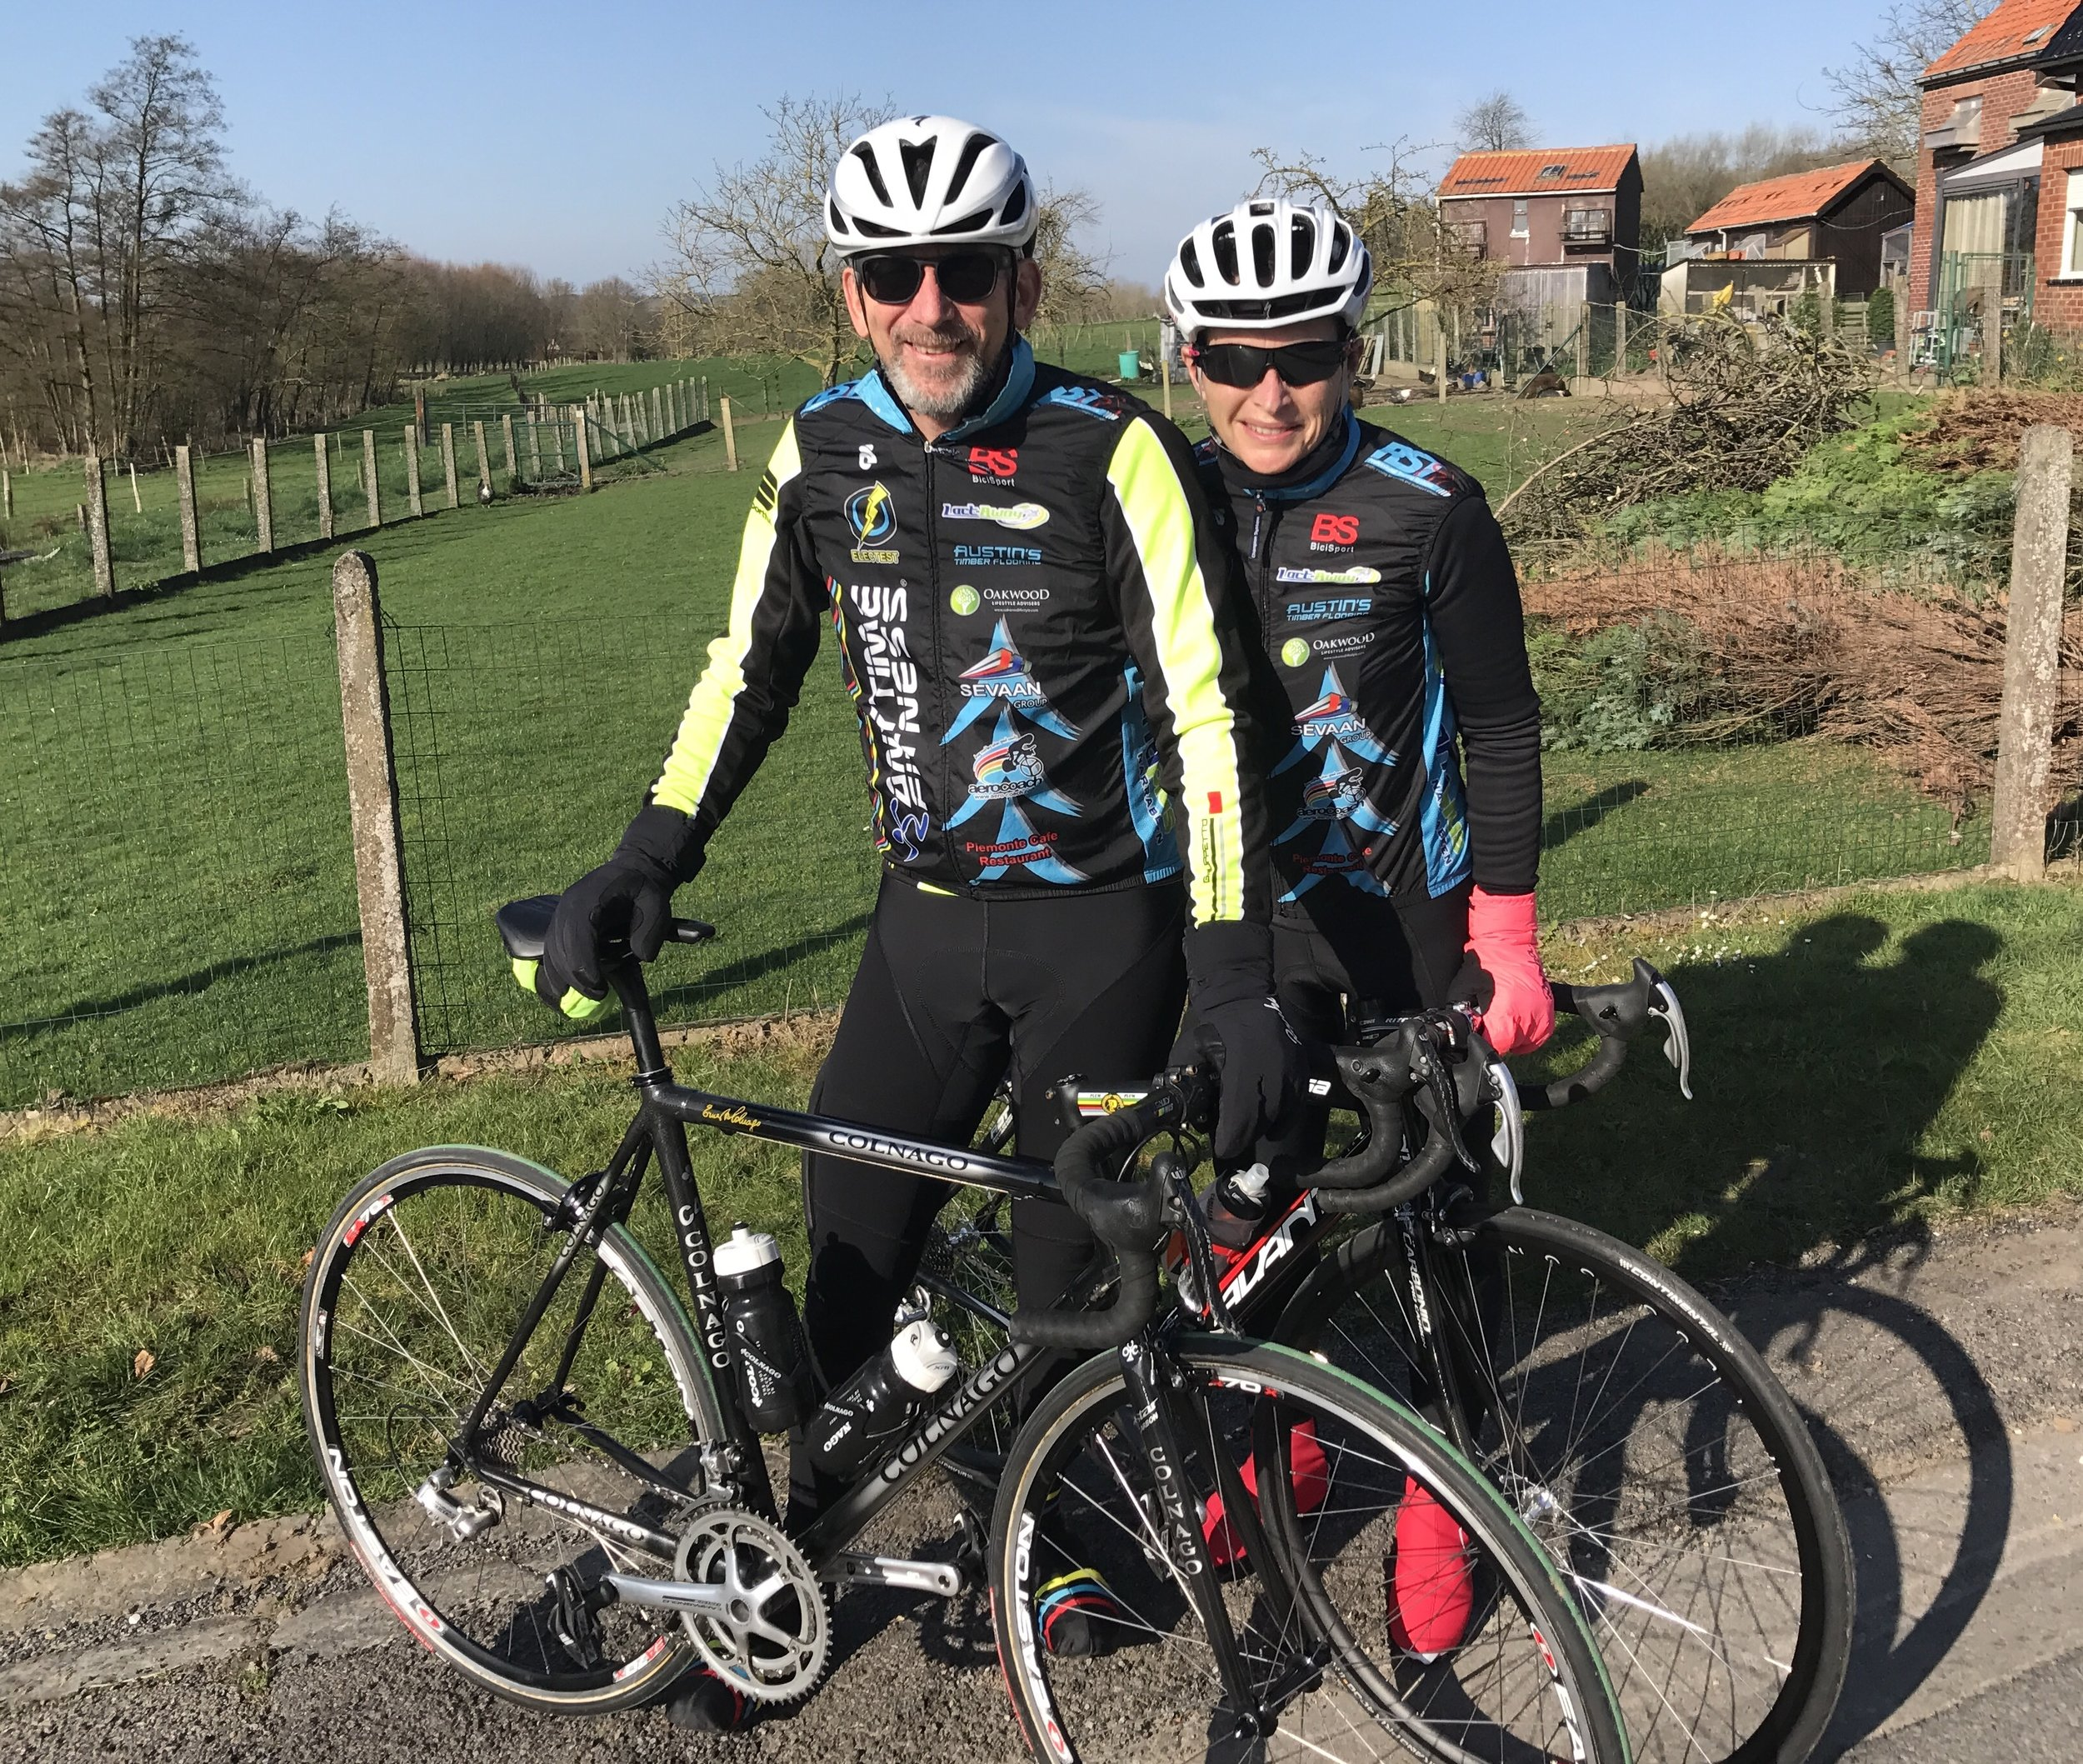 Flanders 2017 - Graham & Sue Tierney outside the Kokerelle B&B in the village of Maarke Kerkem